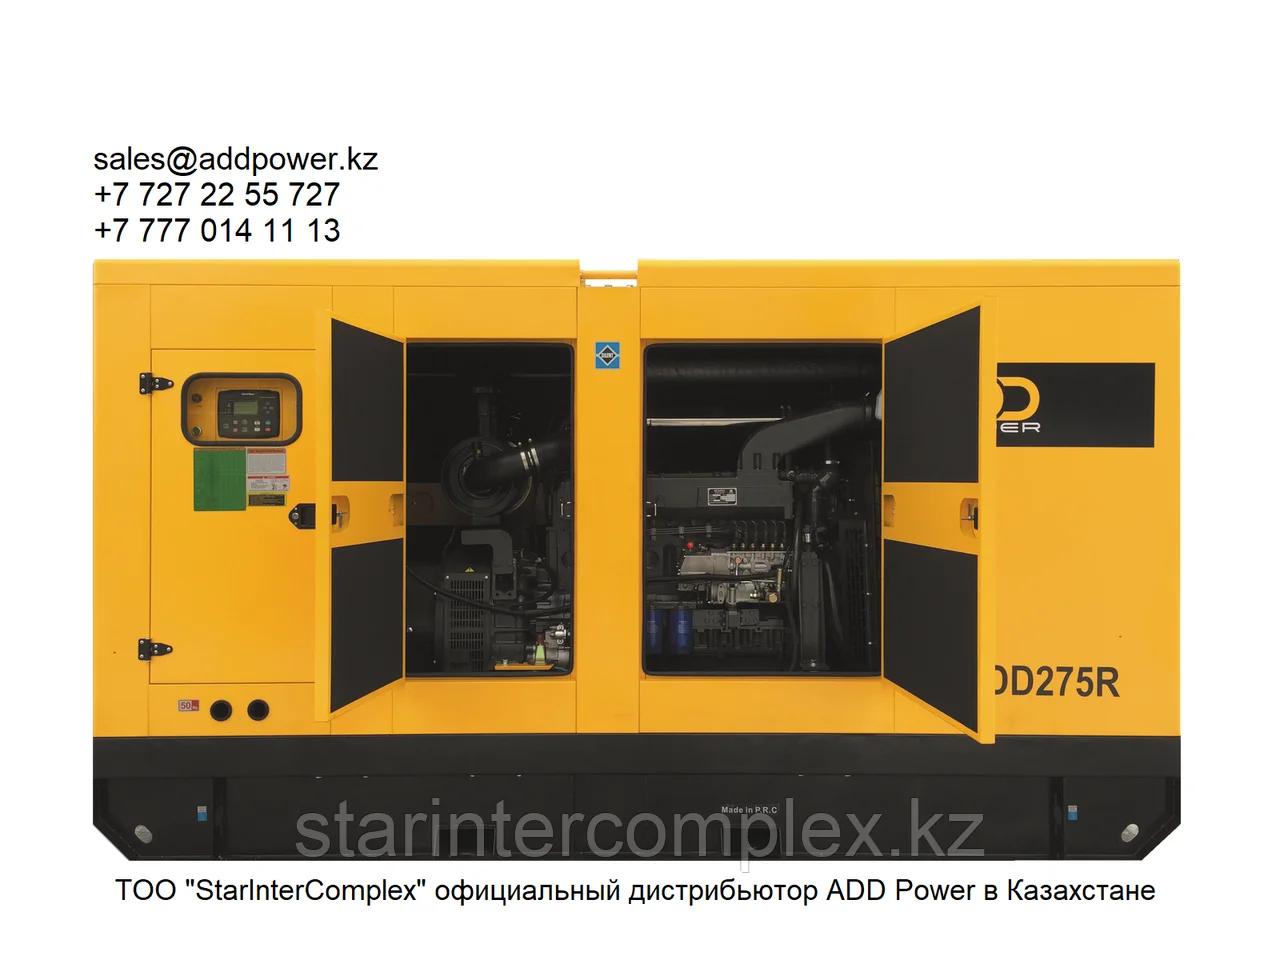 Дизельный генератор ADD150R во всепогодном шумозащитном кожухе